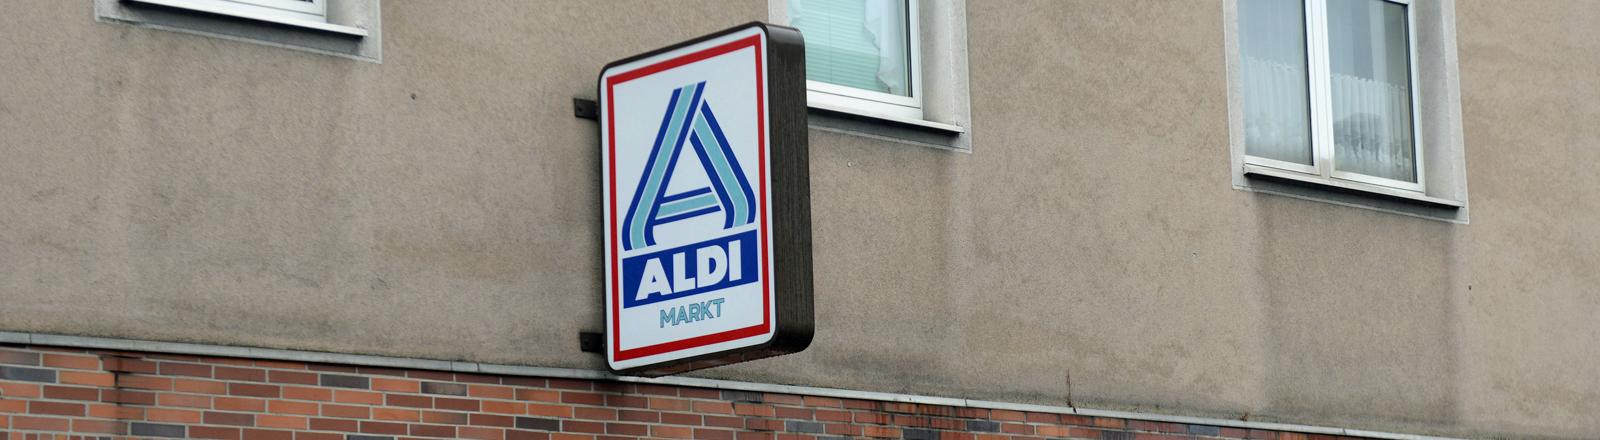 In diesem Haus in Essen wuchs Aldi-Mitgründer Karl Albrecht auf.